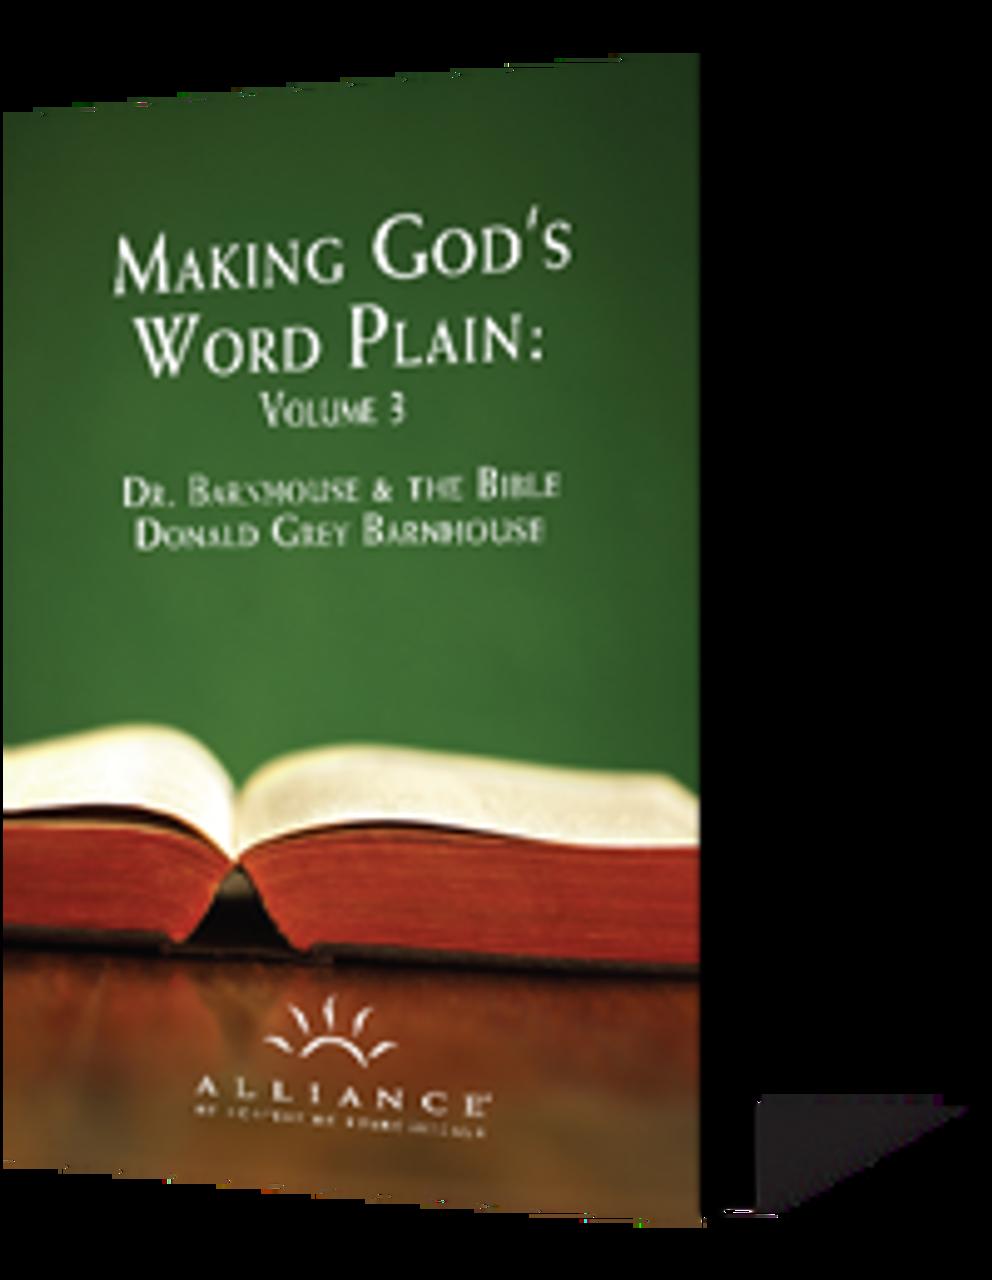 Making God's Word Plain, Volume 3 (CD Set)